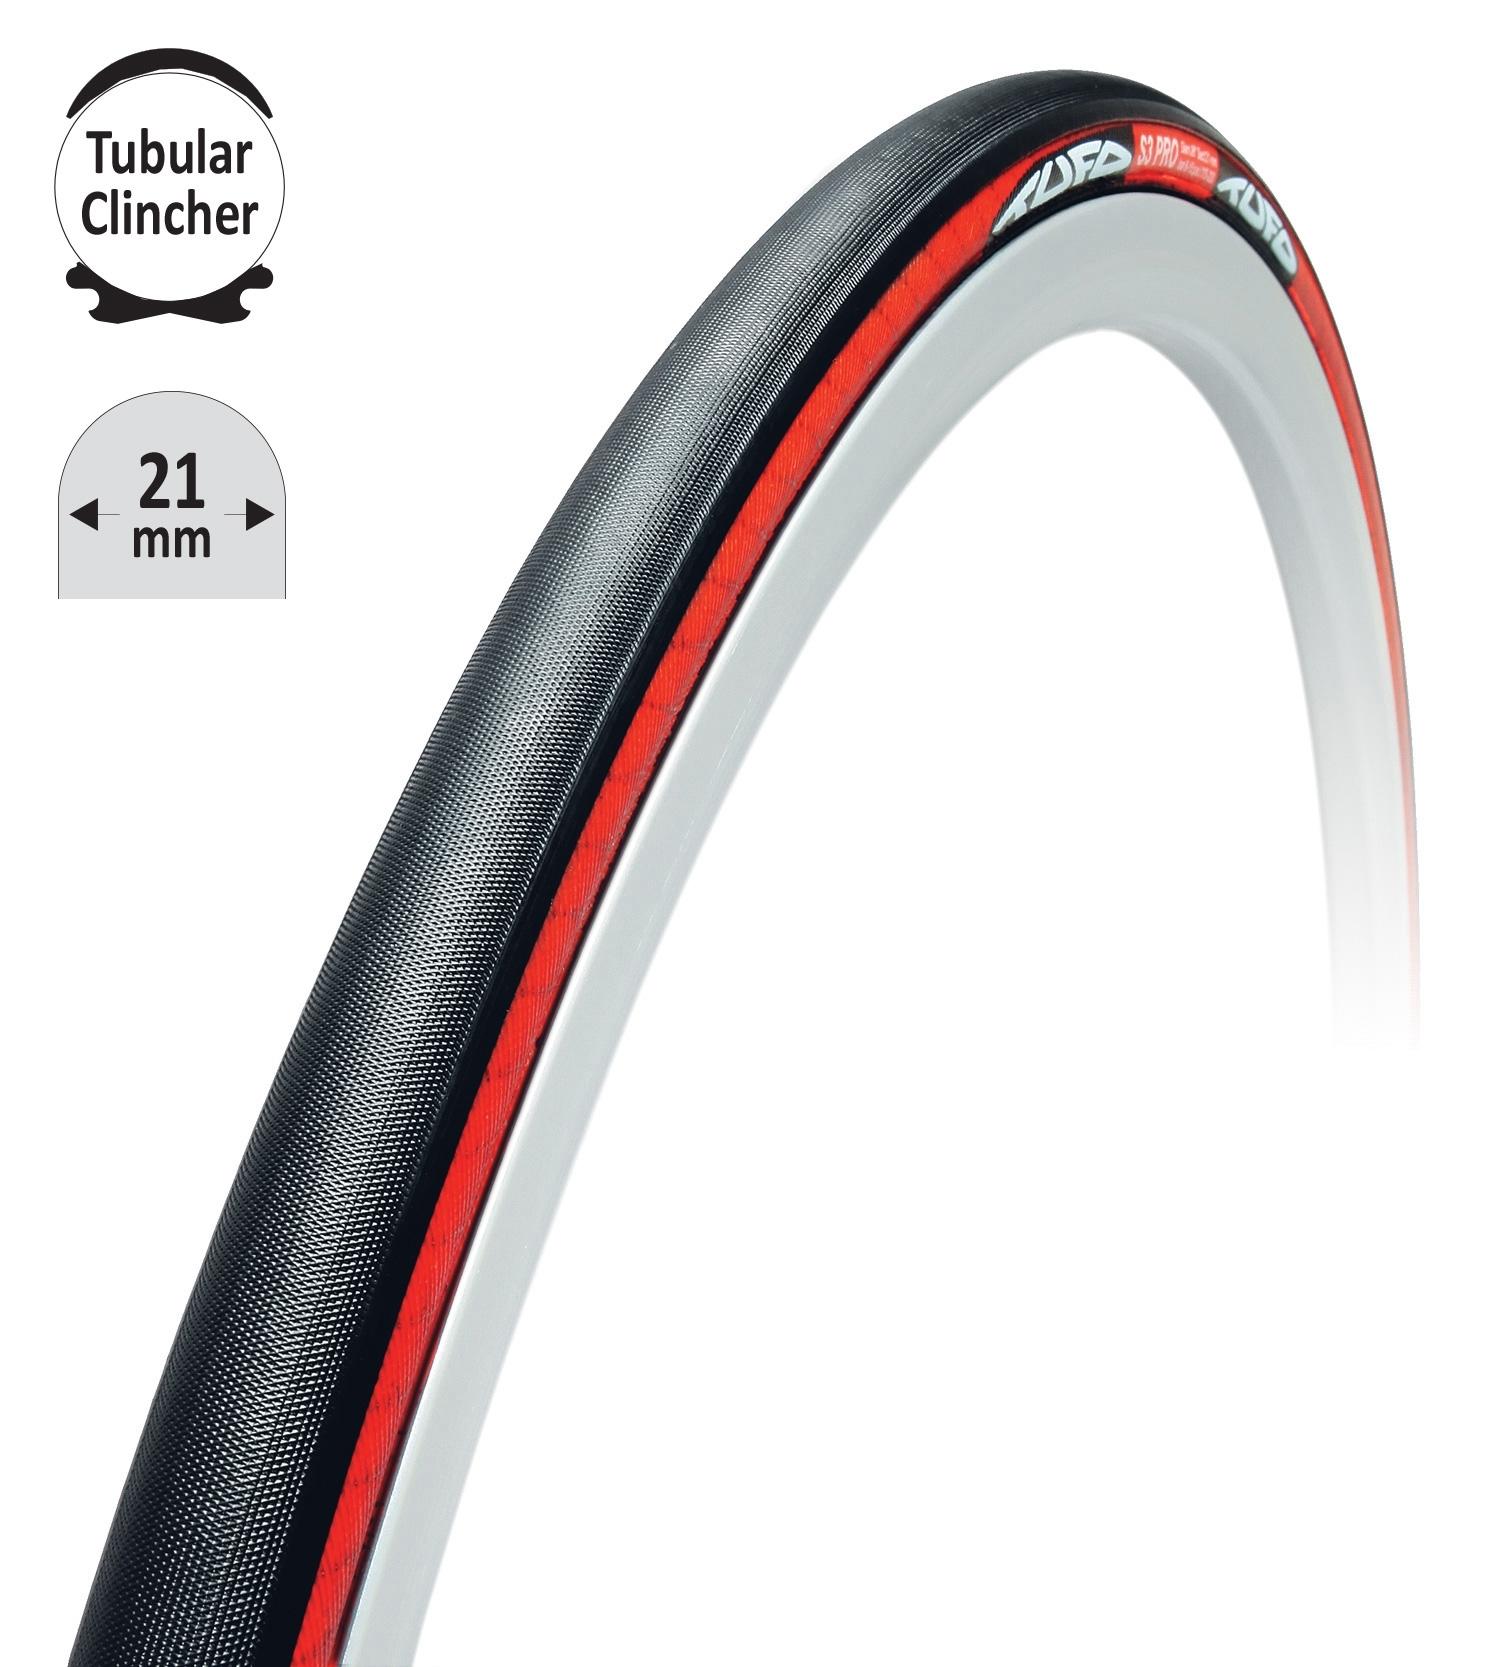 """TUFO galuska-clincher T.C S3 PRO černo-červená 28""""/21mm"""